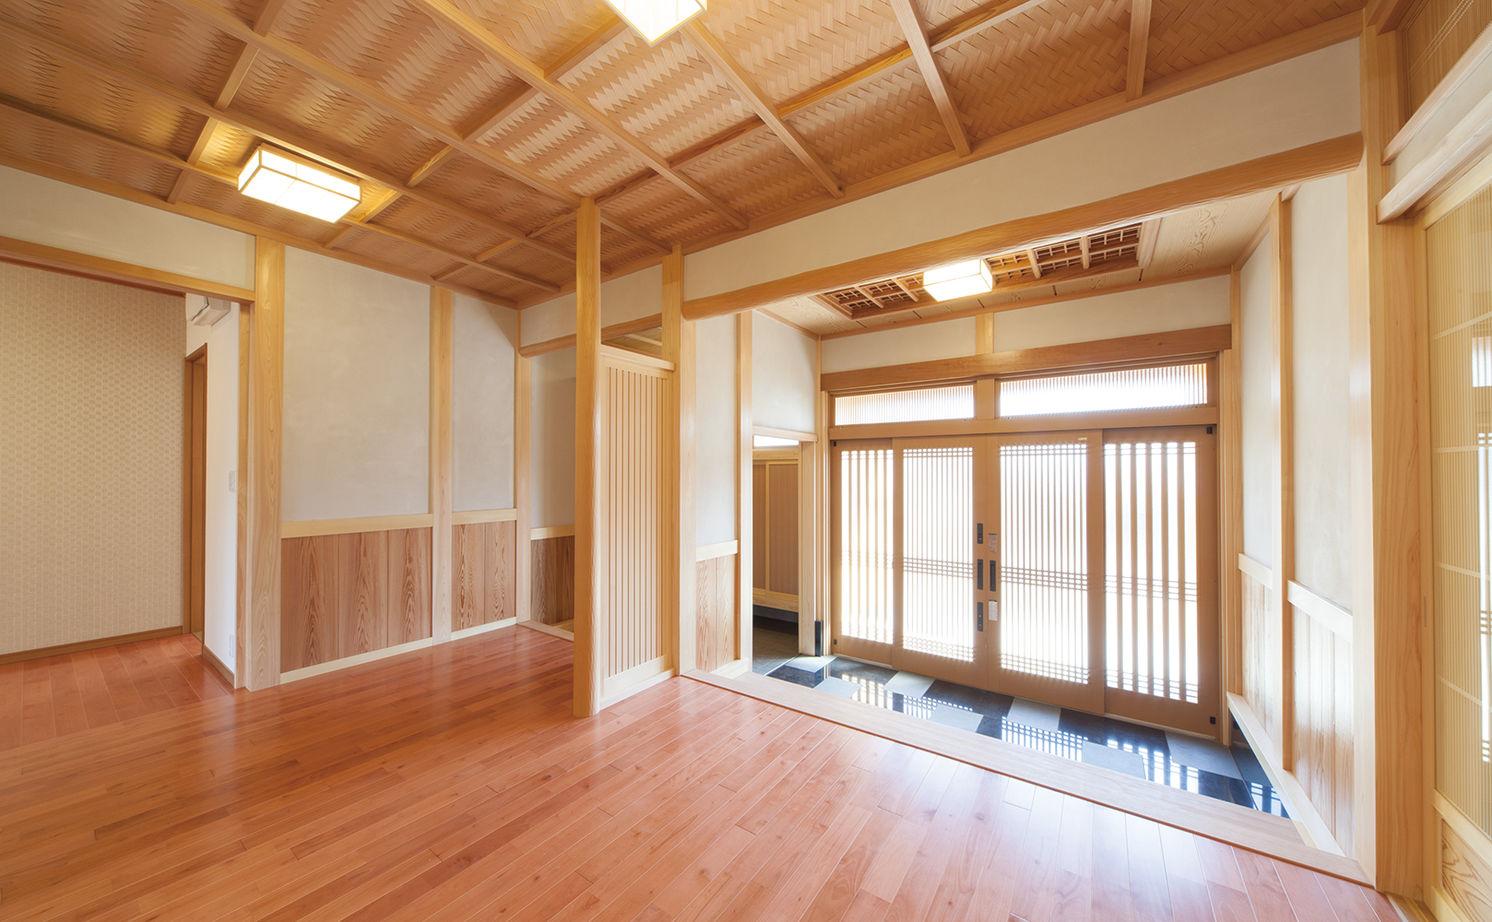 日本建築の文化と伝統を継承し、末永く住むほど味わいが出る、頑丈な無垢木材で建てた平屋の家画像2